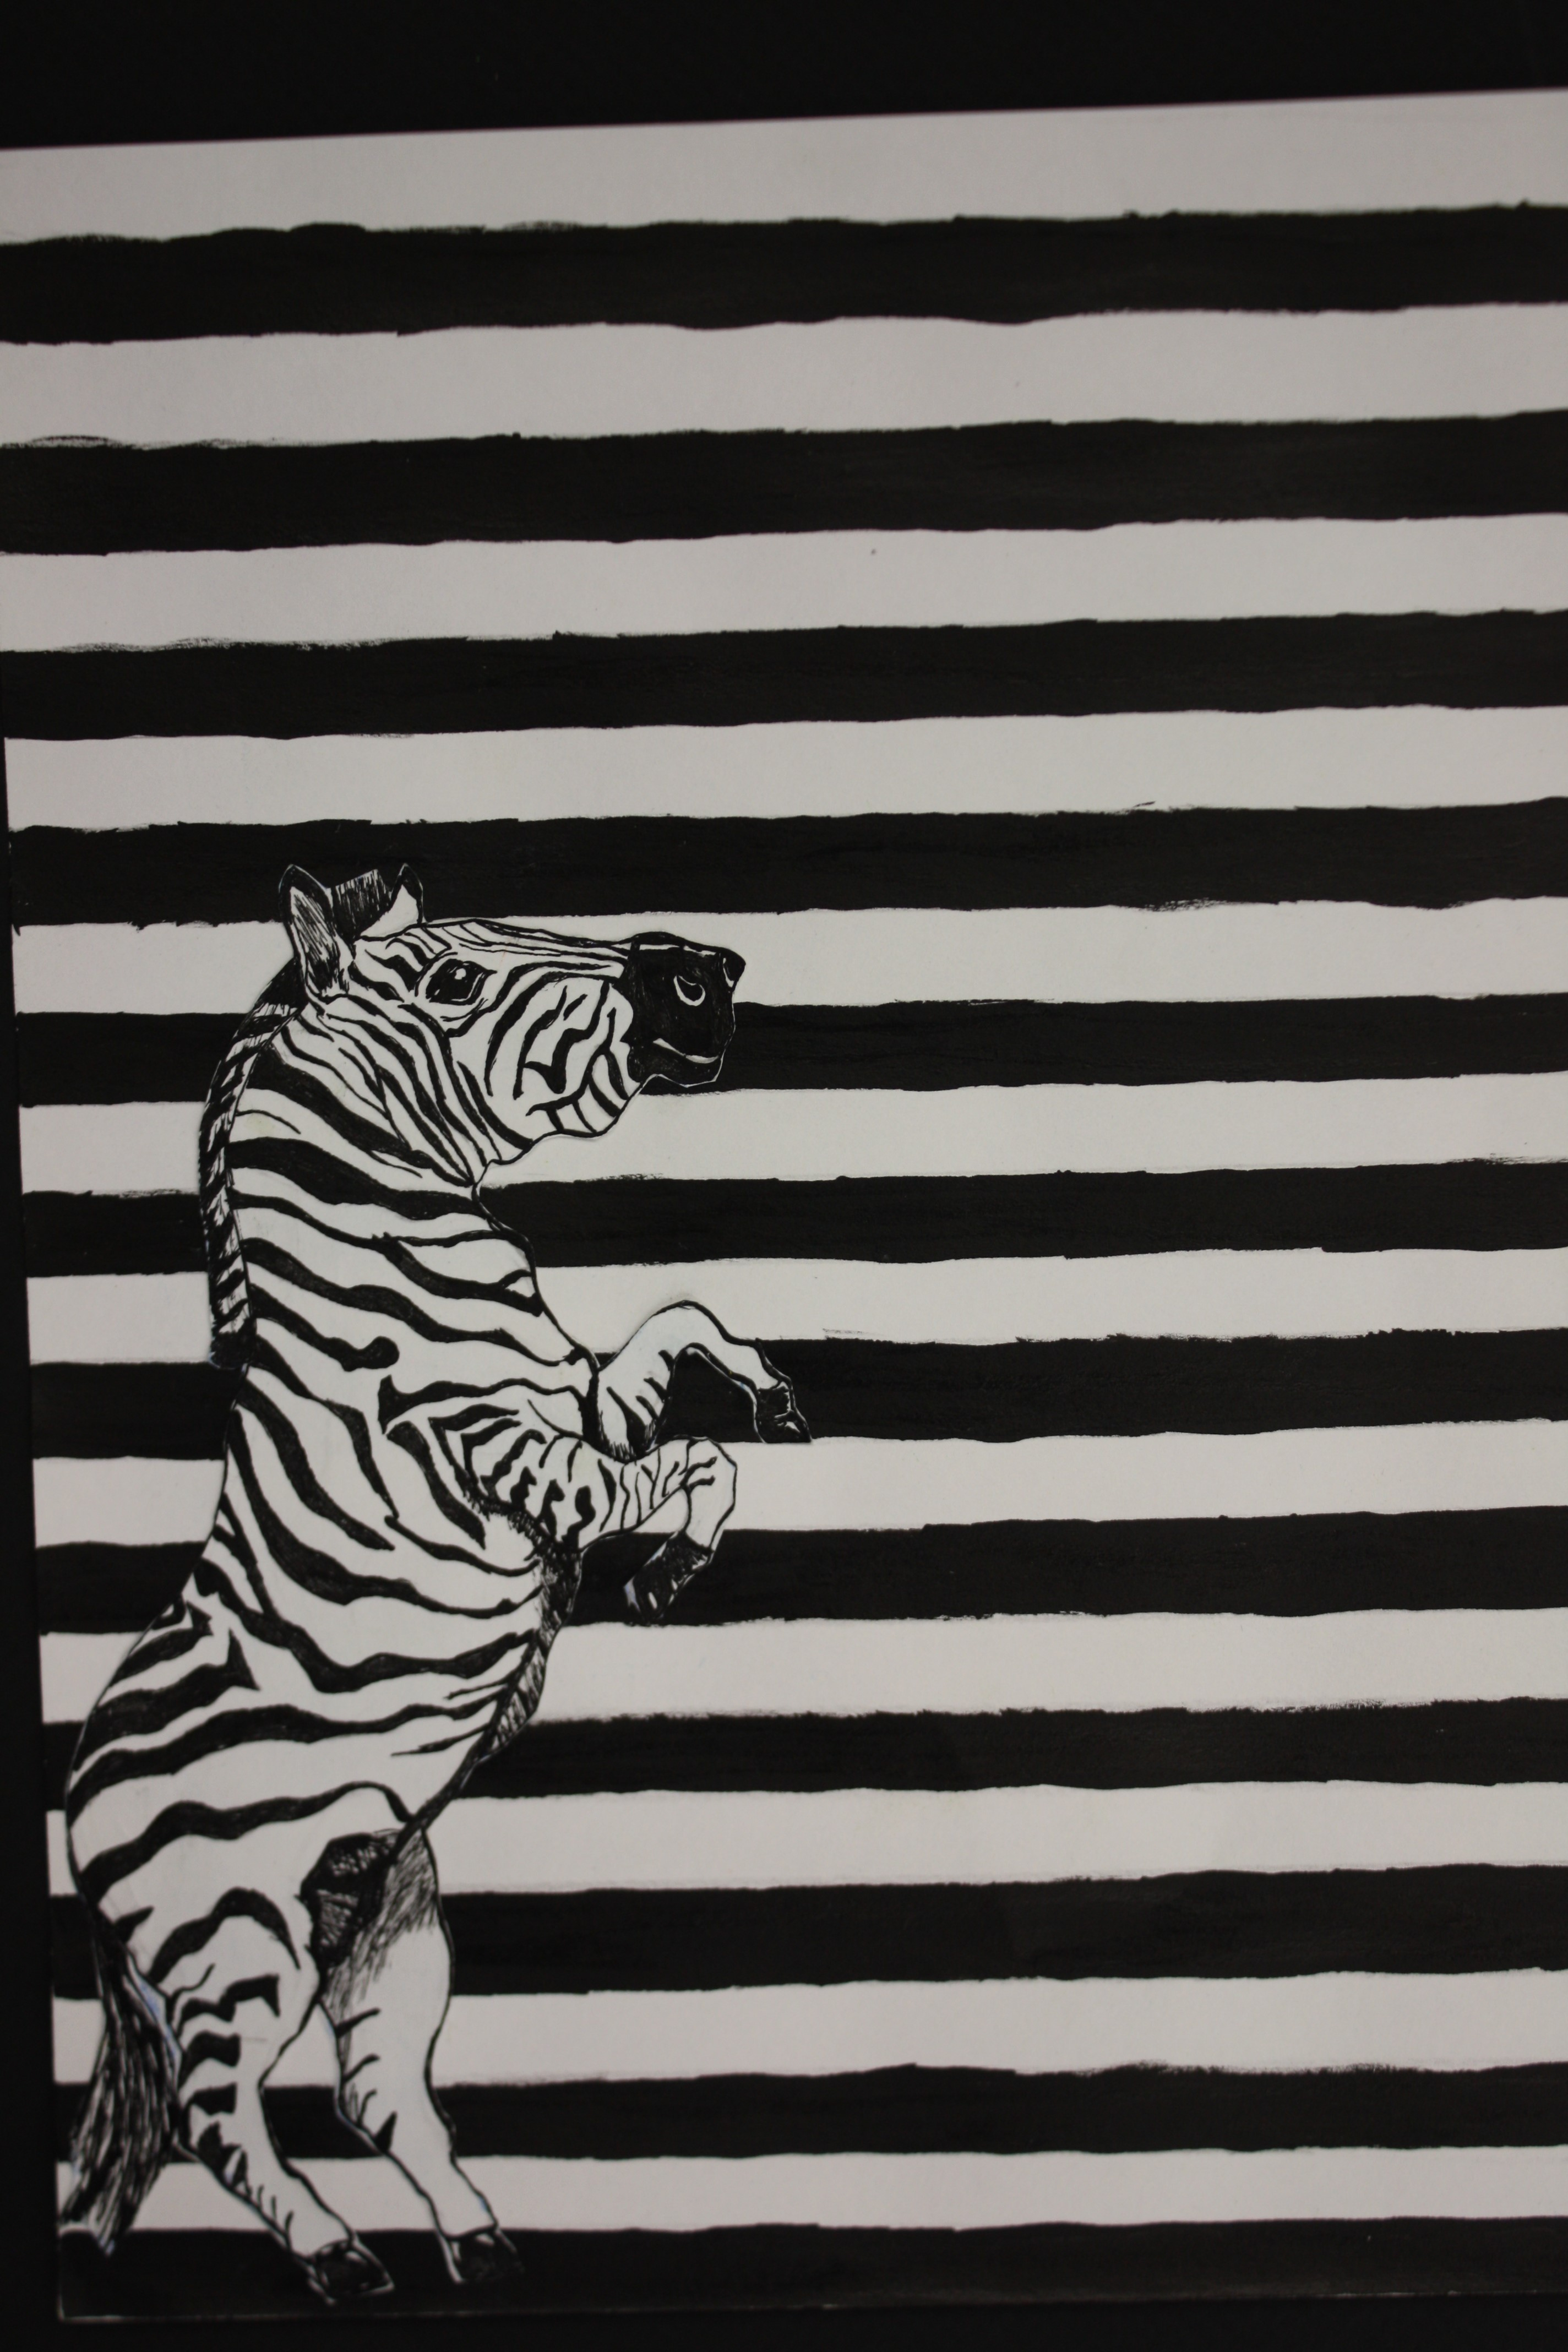 zebra in the stripes